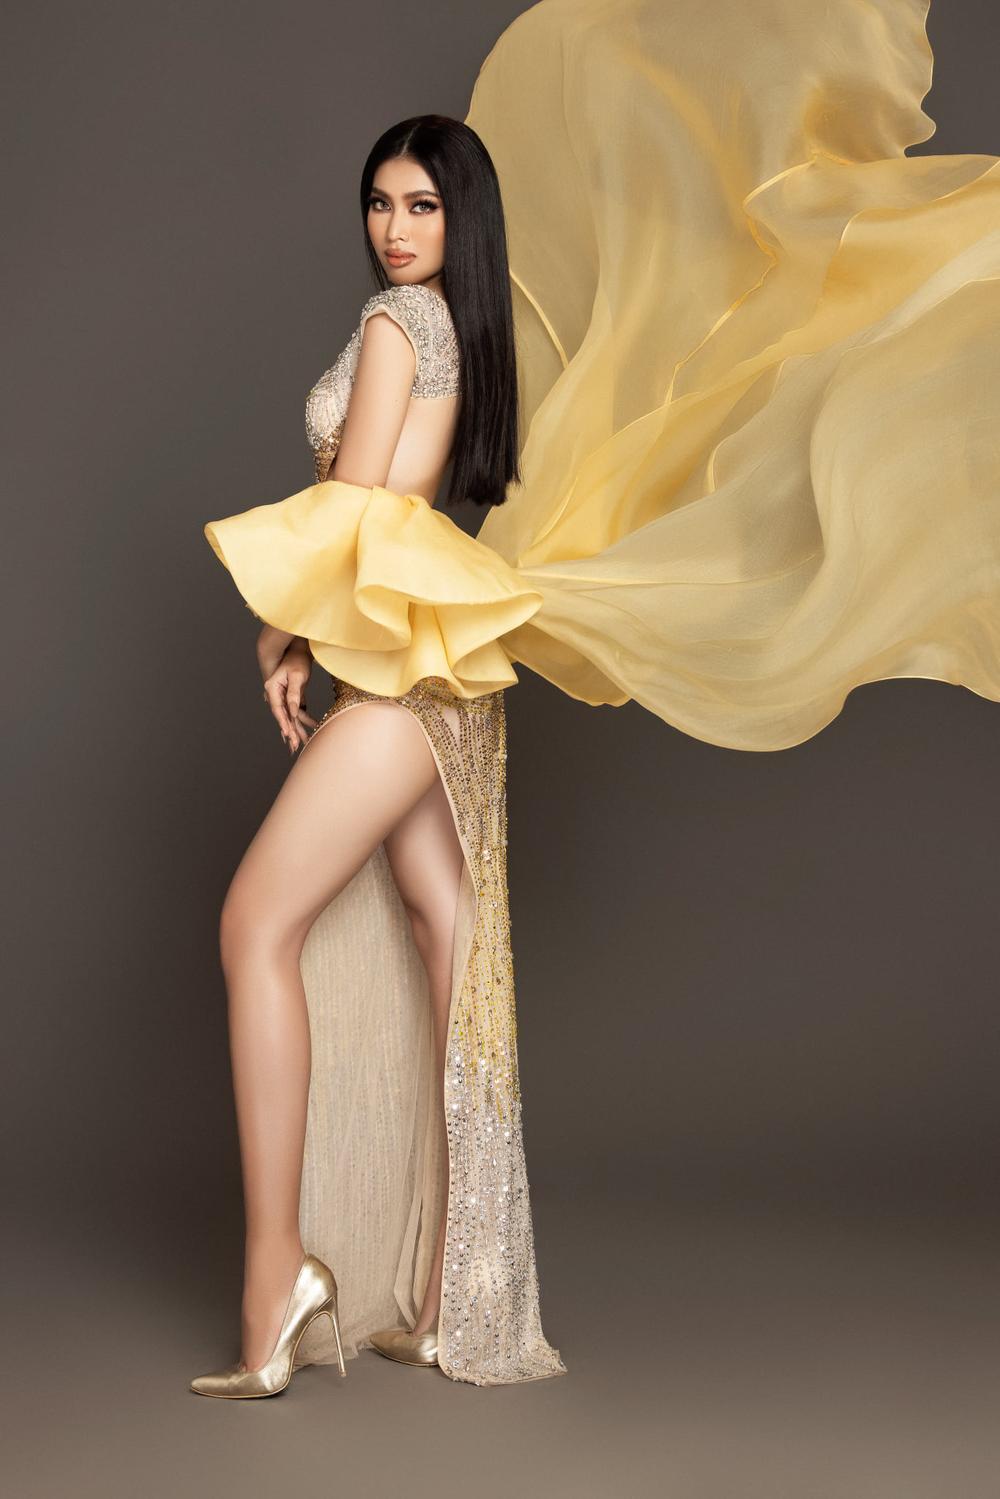 Hành trình lọt Top 20 của Ngọc Thảo: Nàng hậu 21 tuổi bản lĩnh chinh phục Miss Grand giữa mùa dịch! Ảnh 18